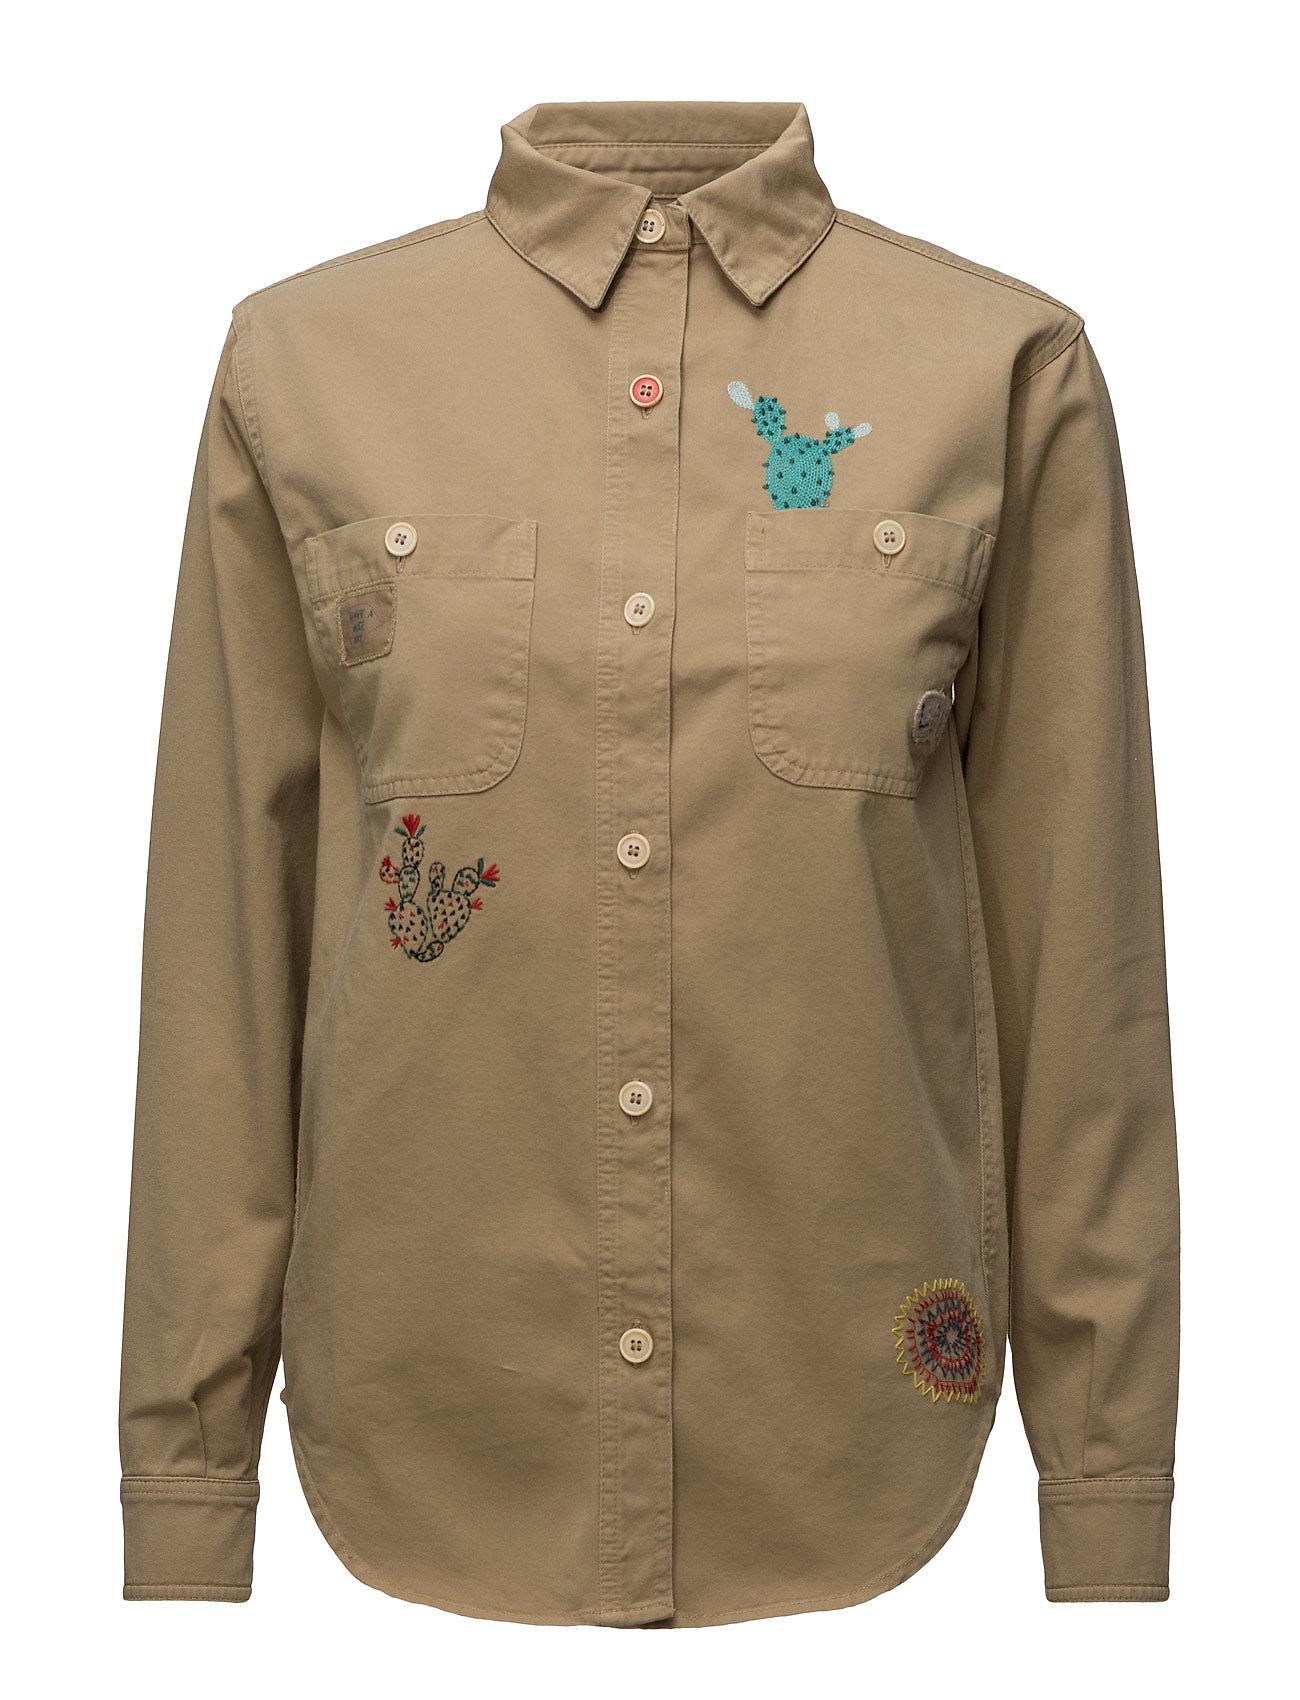 Washed Shirt Jkt Hilfiger Collection Trøjer til Kvinder i